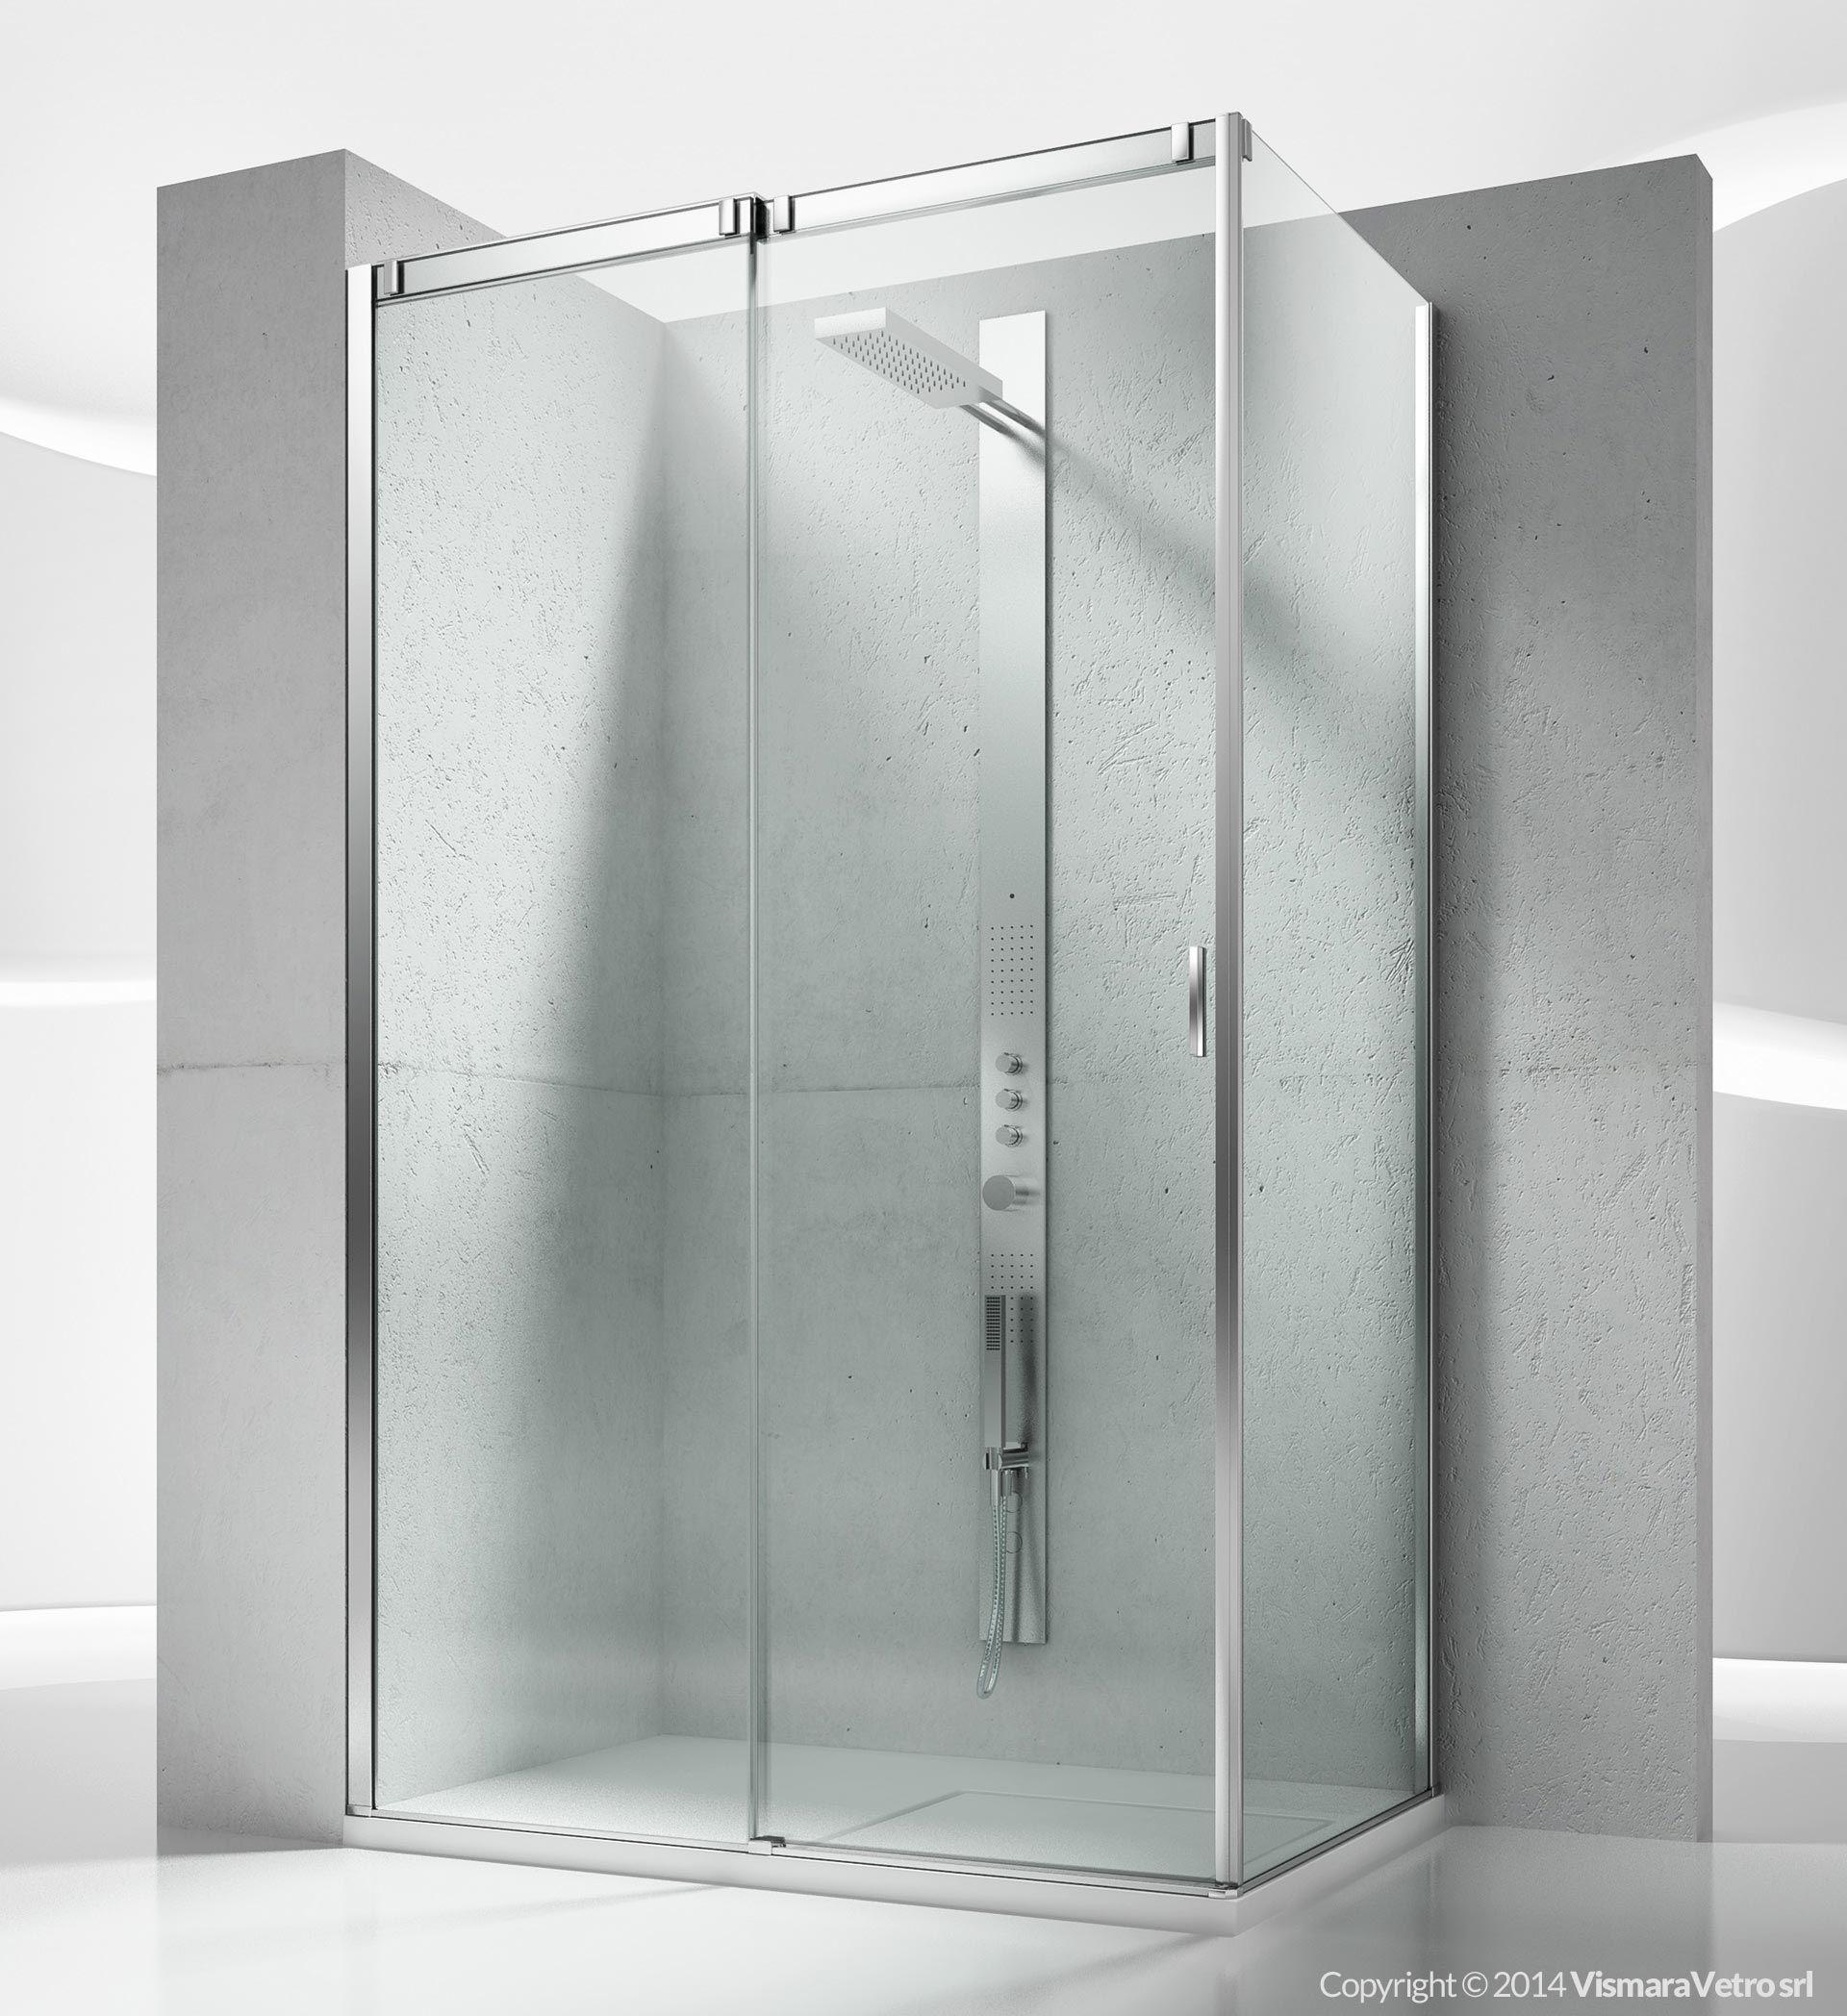 Box Doccia Slide.Frameless Sliding Shower Enclosure For Rectangular Corner